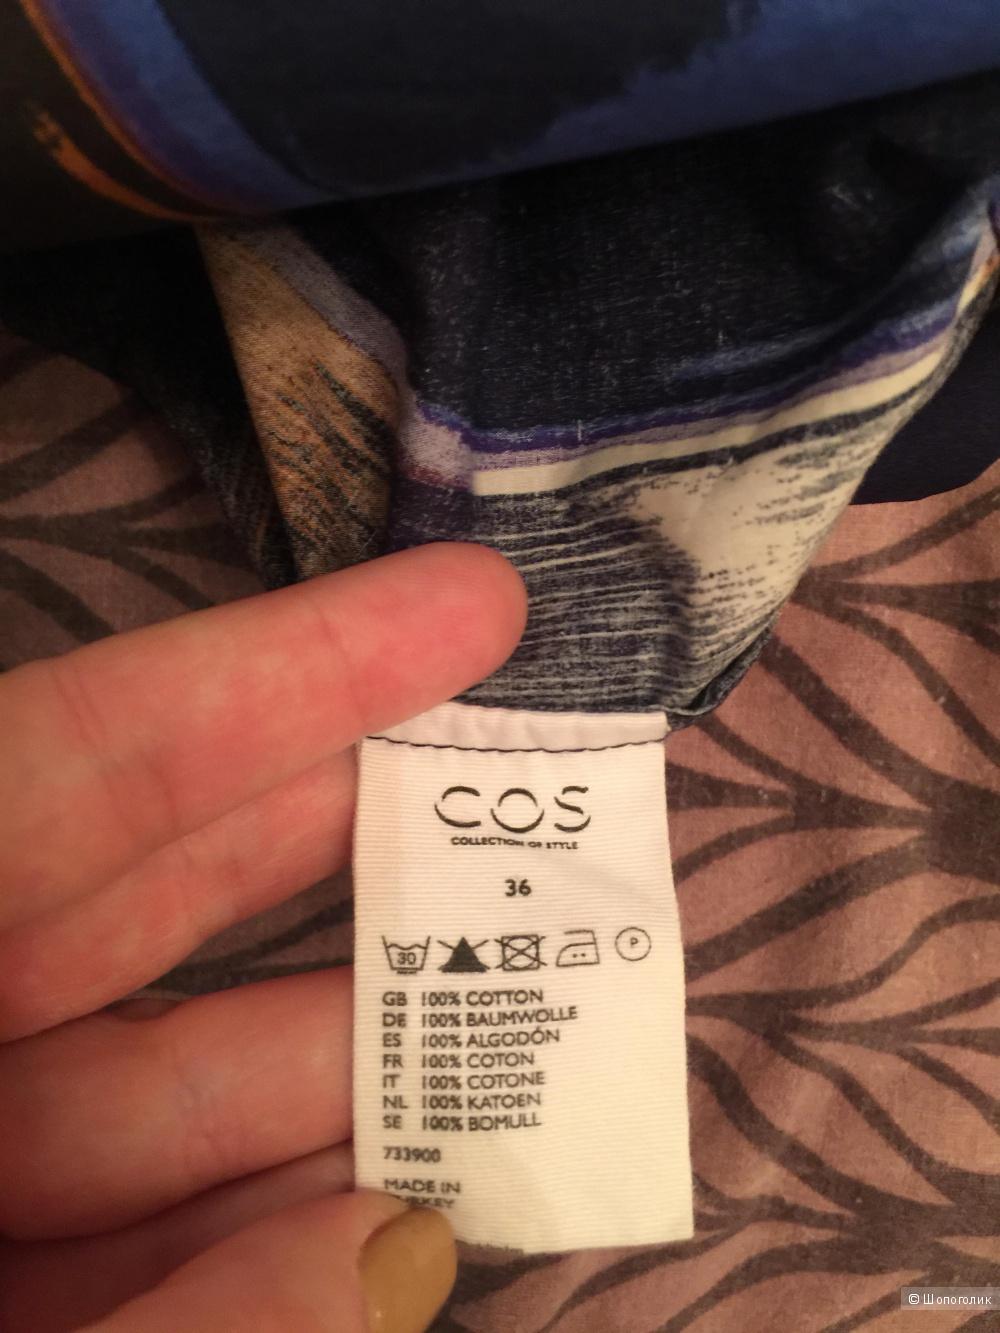 Платье фирмы Cos 36 размер